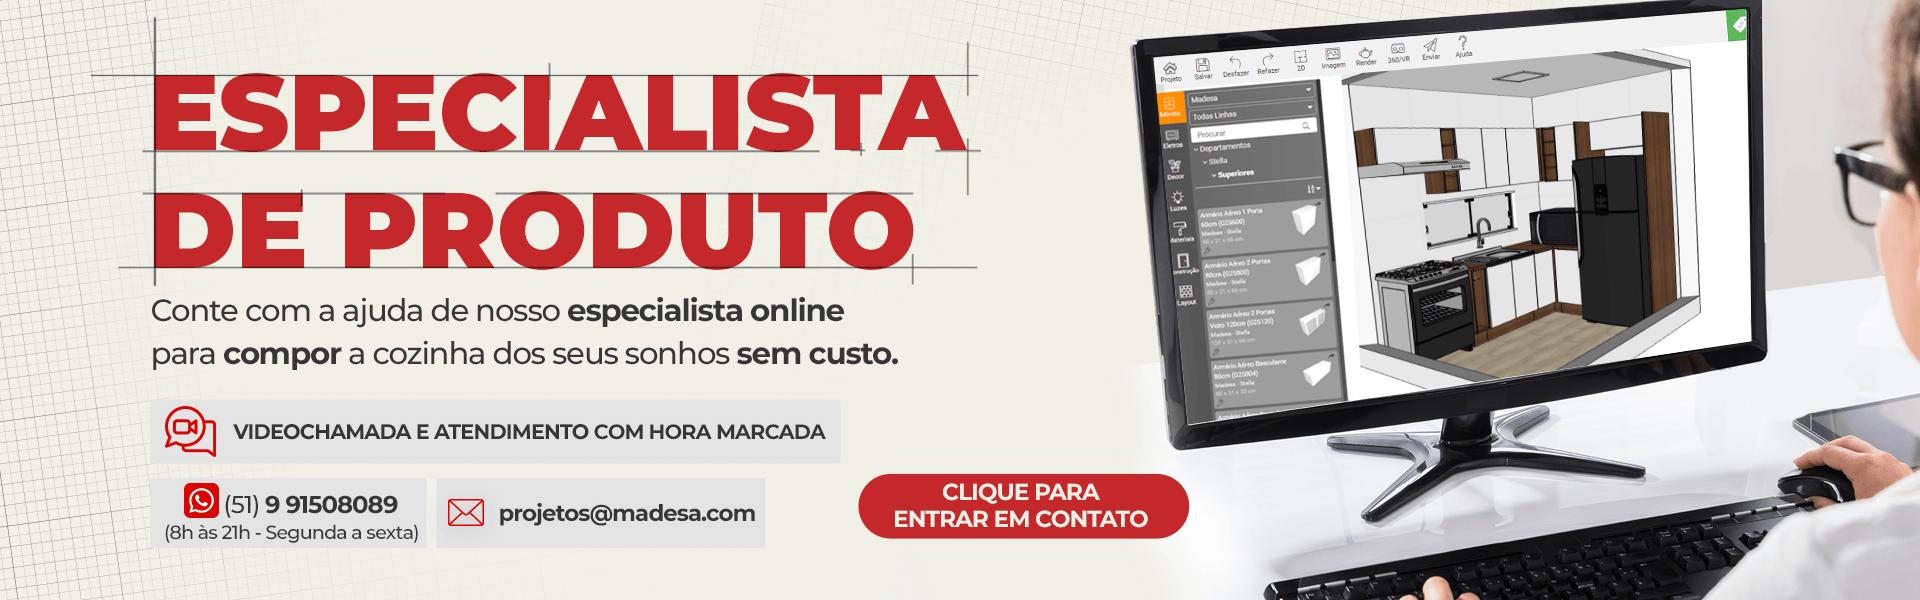 ESPECIALISTA_MODULAÇÕES